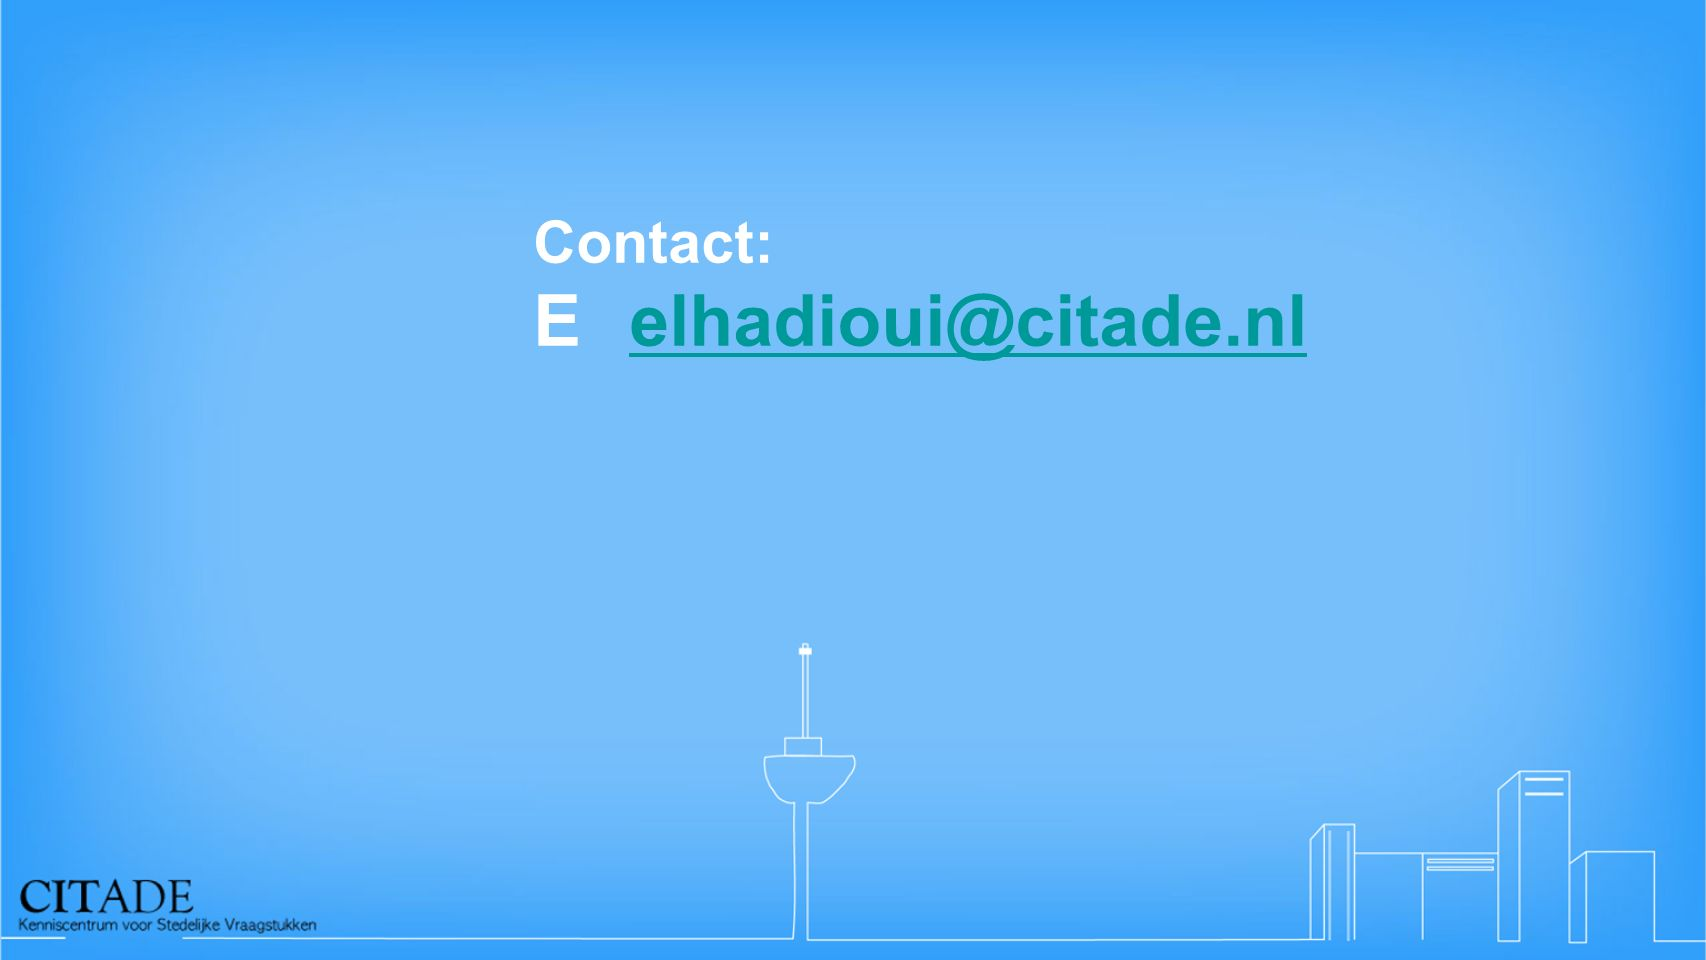 Contact: E elhadioui@citade.nl